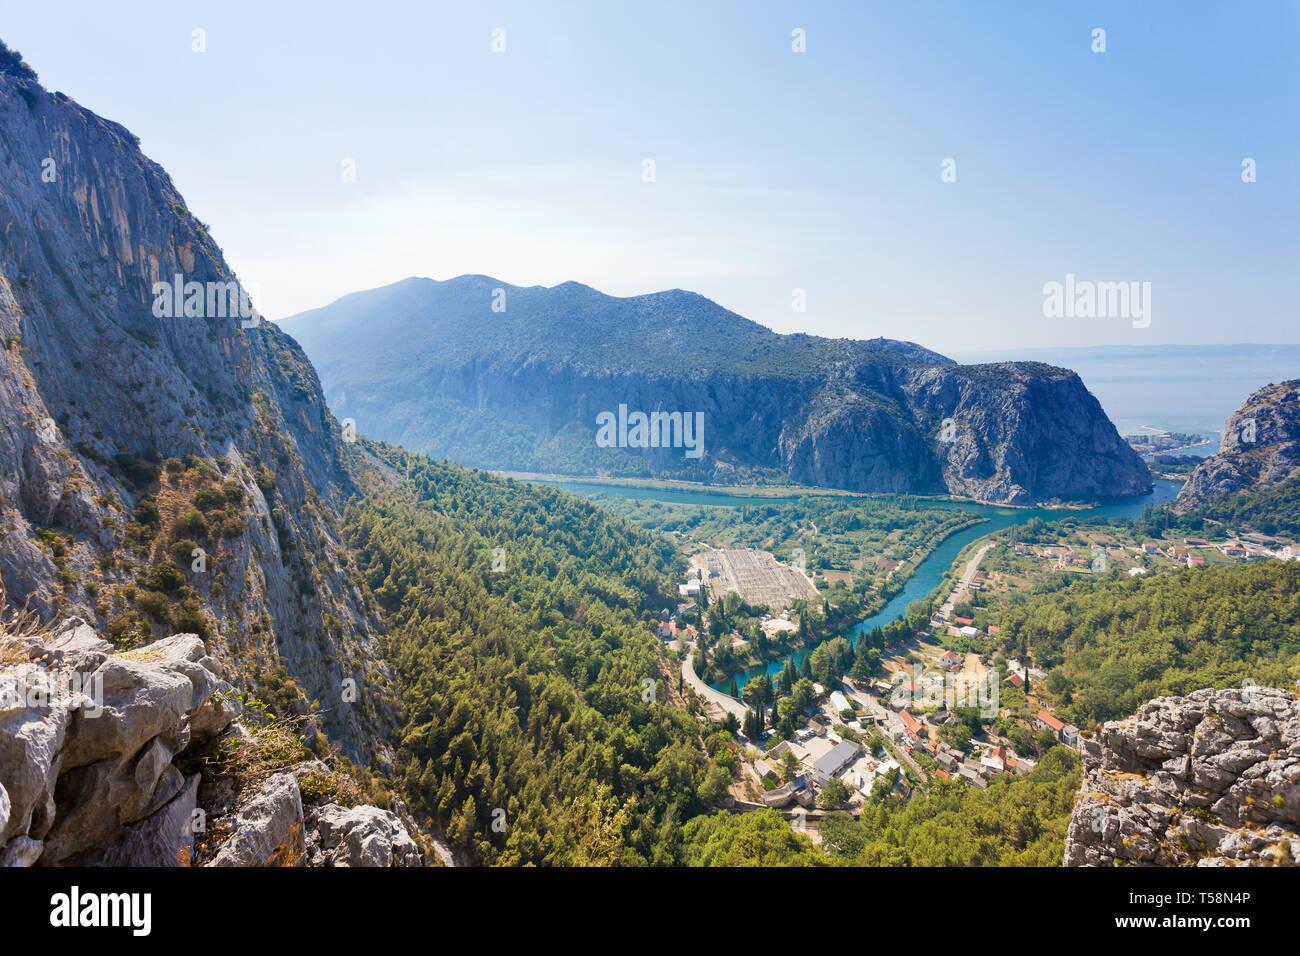 Omis, Kroatien, Europa - Gefühl der Schönheit der Omis aus der Sicht Stockfoto